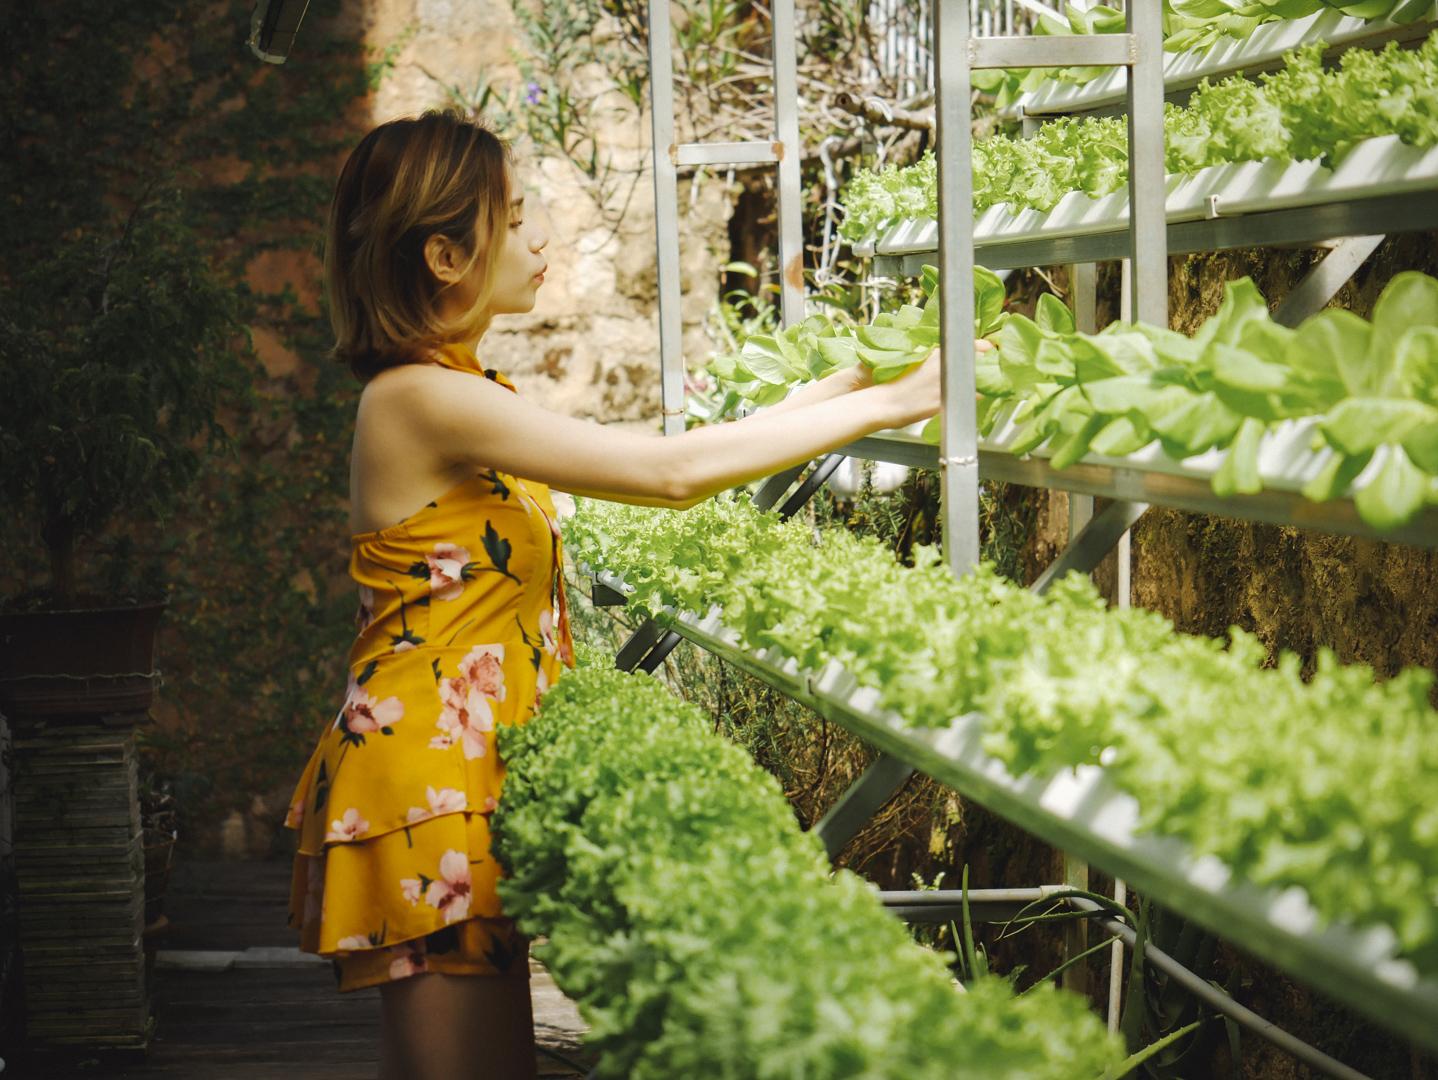 Đằng sau phòng ăn của Lữ Tấn là nơi Lữ Tấn trồng rau xà lách sạch. Không chỉ cung cấp thực phẩm tươi mới cho bạn hàng ngày, vườn rau nhỏ xinh này còn là nơi được các bạn trẻ yêu mến và thường xuyên check-in với những bức hình và thước phim long lanh tại đây đó ;)